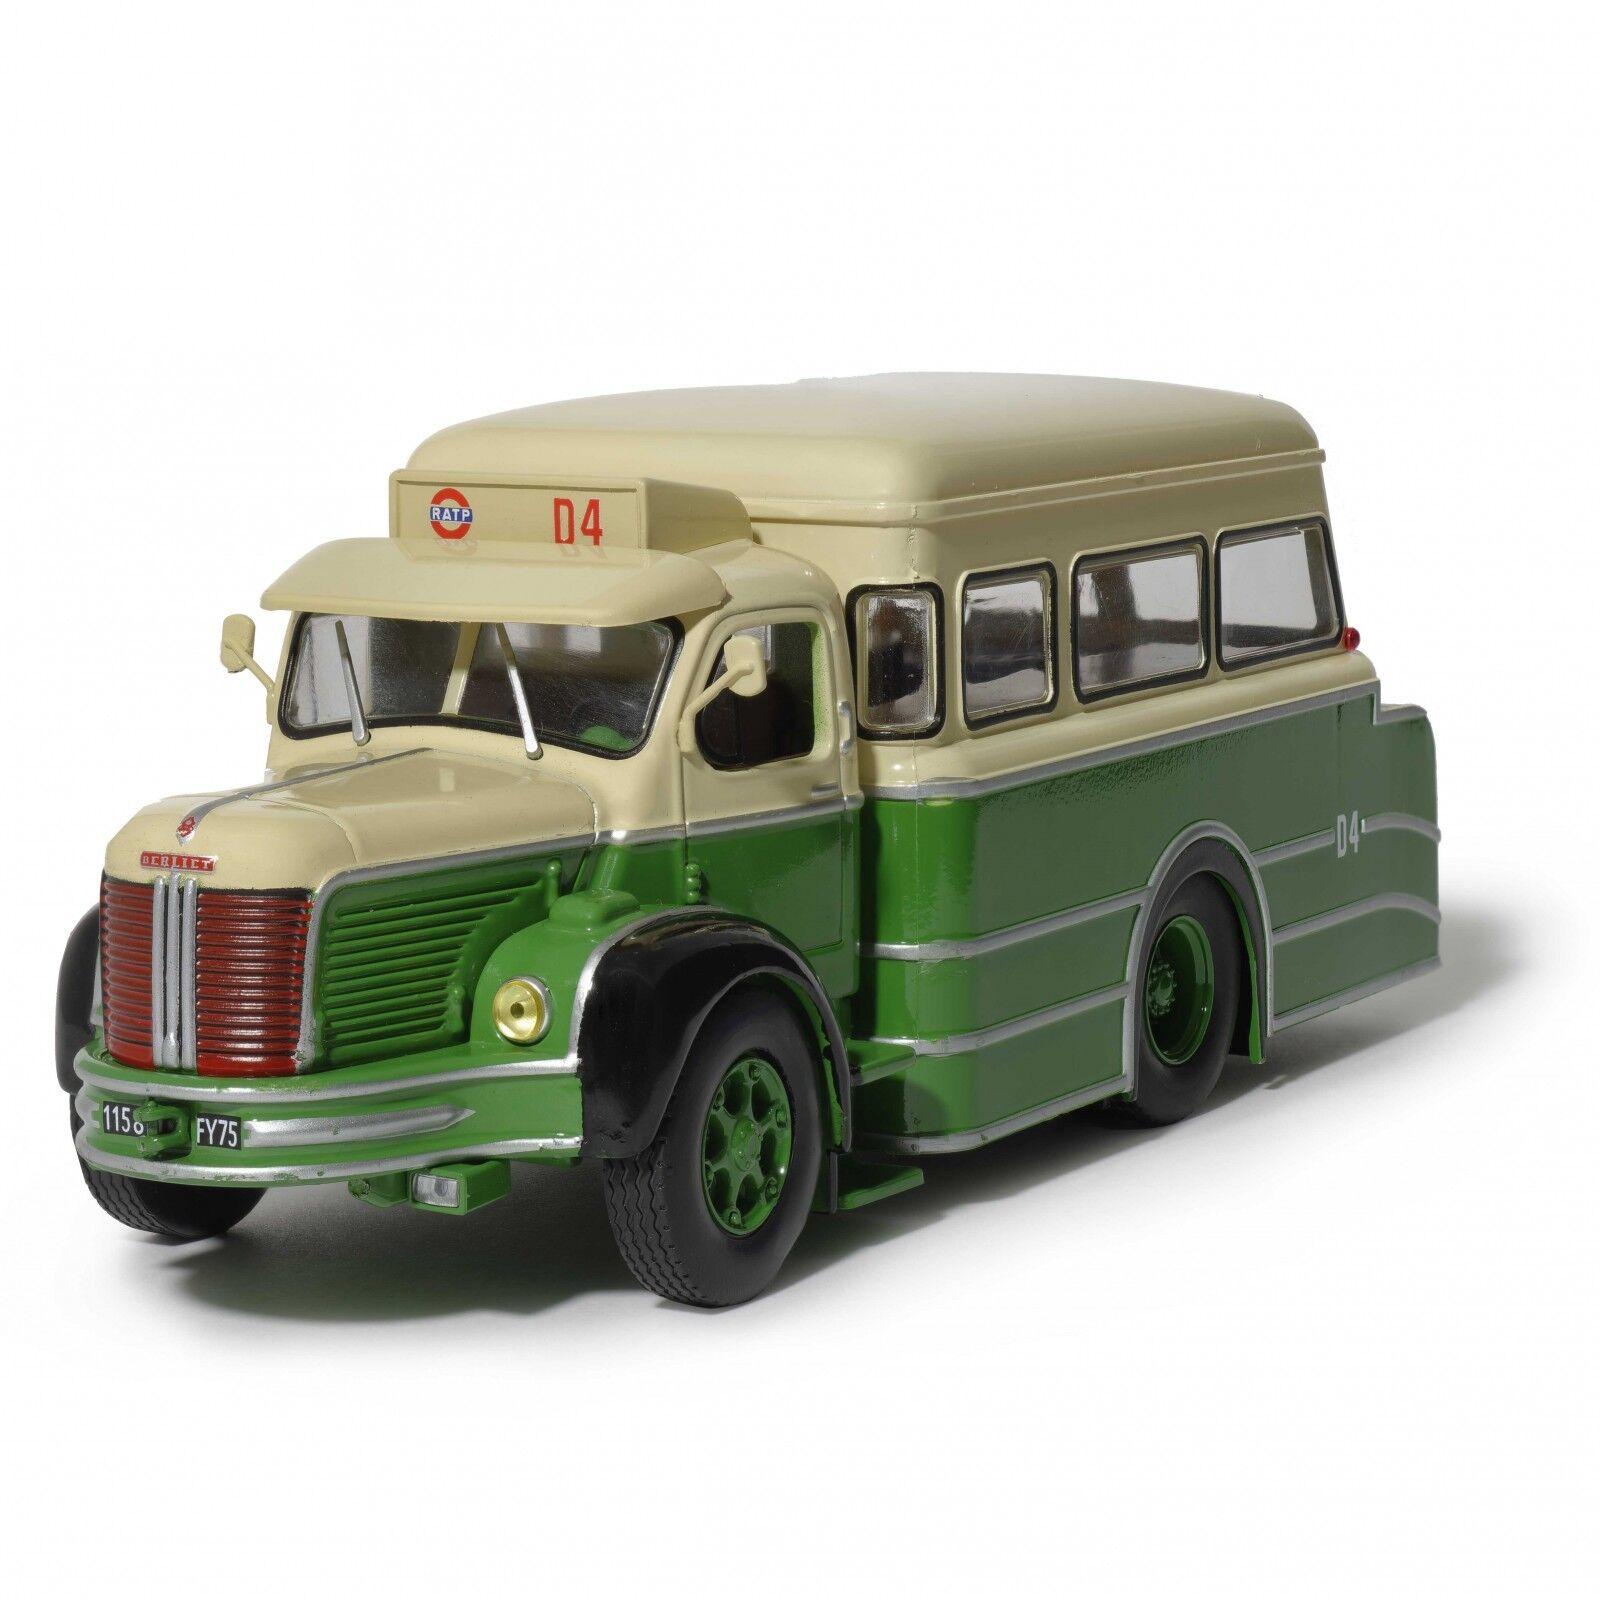 Dépanneuse Berliet RATP  1 43 Neuf en boite Autobus miniature